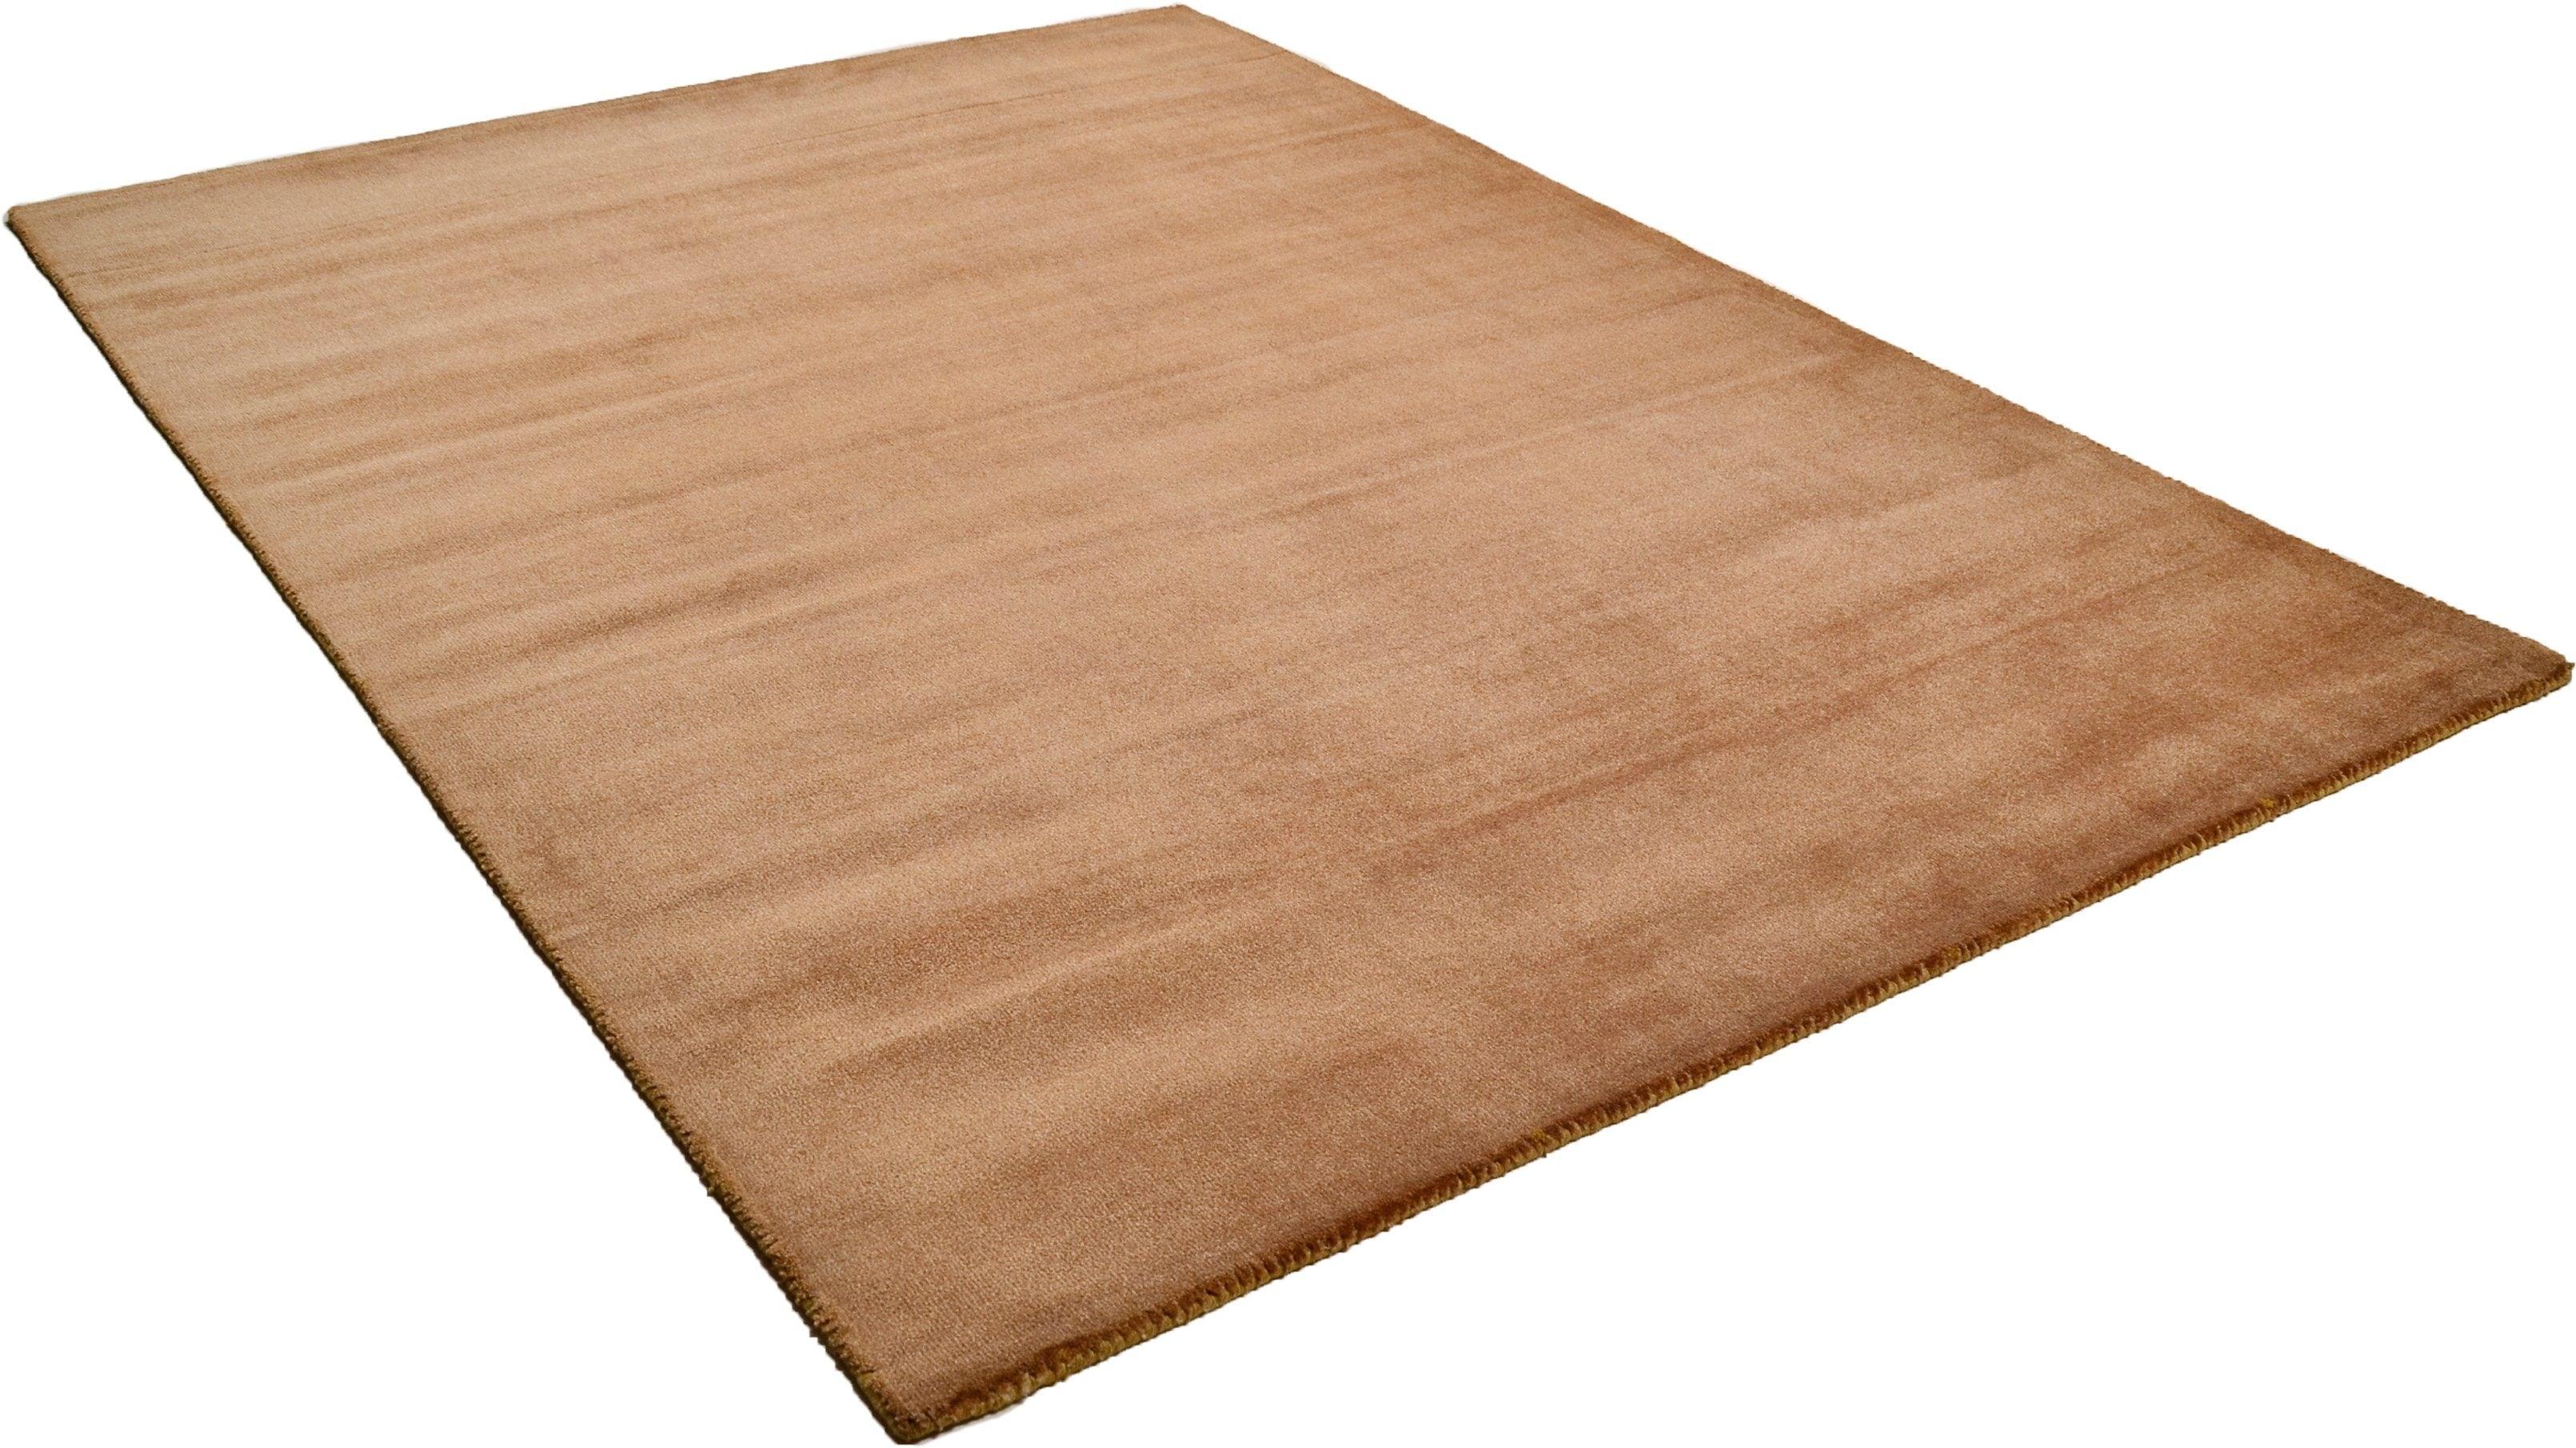 Teppich Melbourne 1000 THEKO rechteckig Höhe 12 mm maschinell getuftet